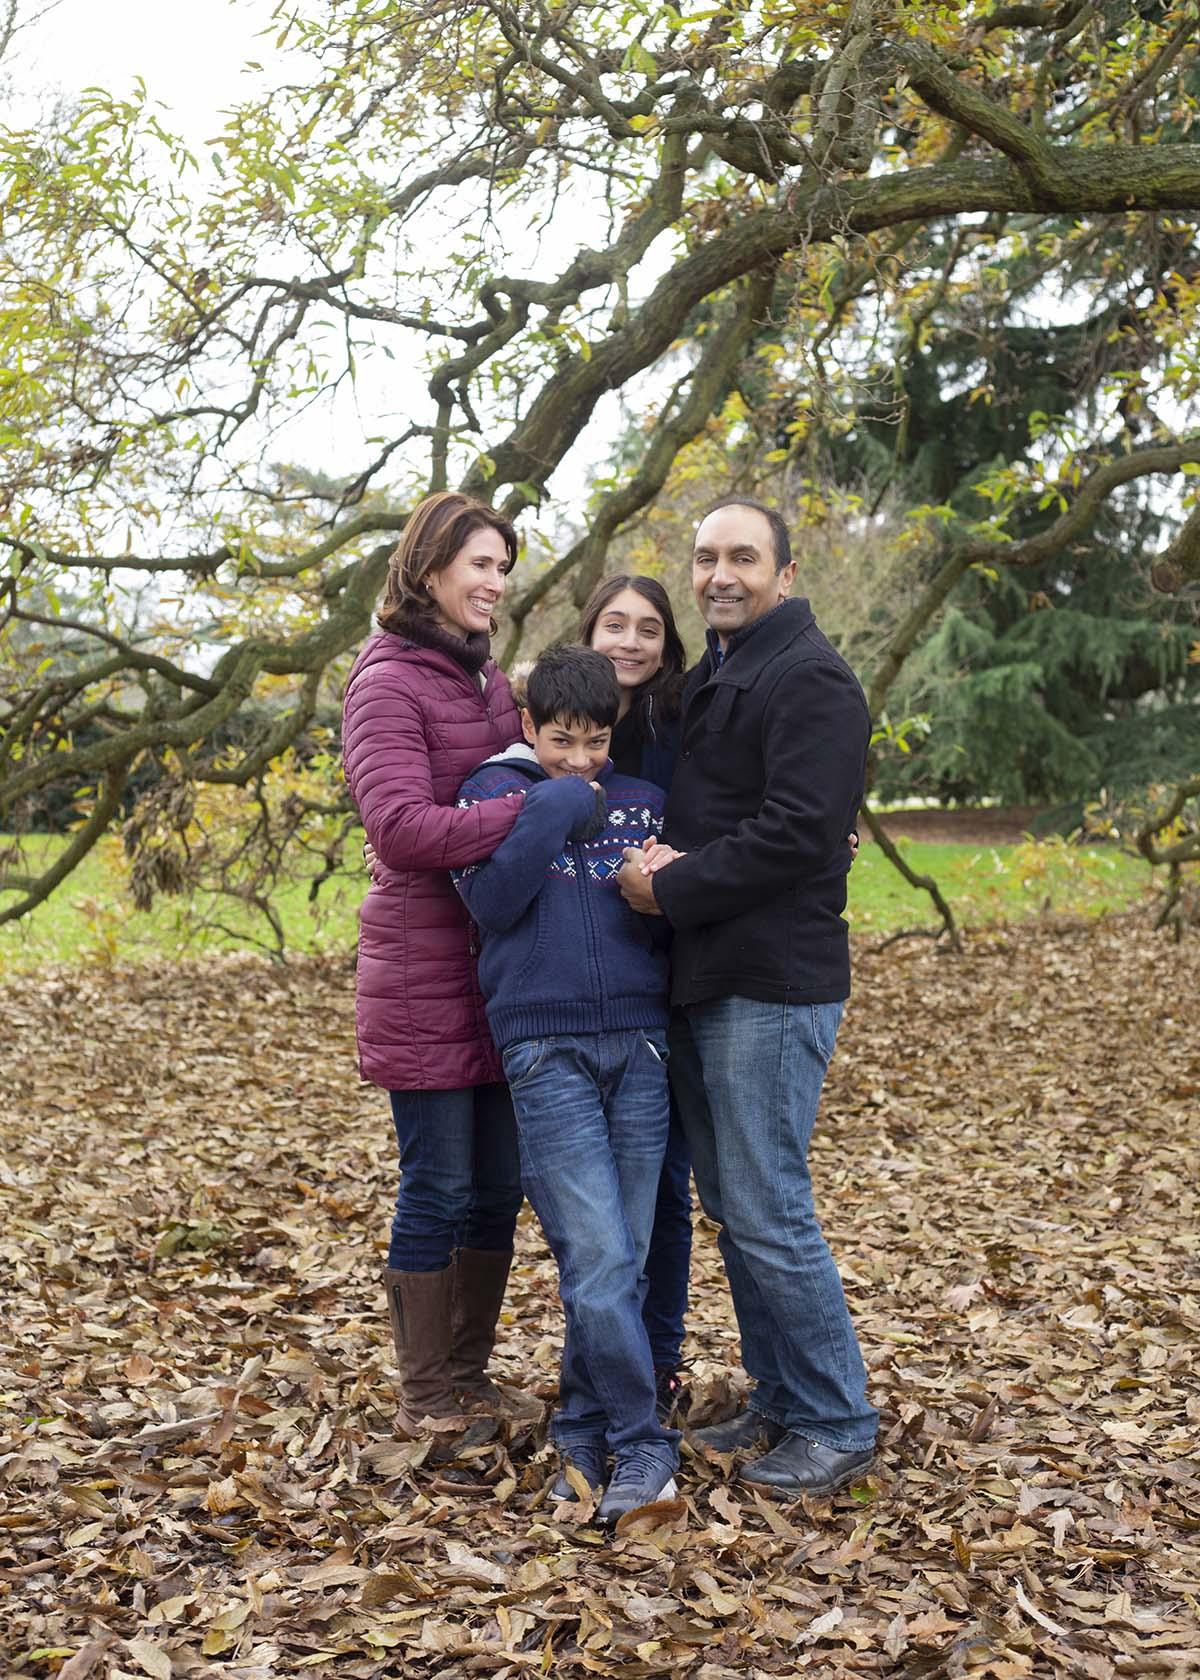 Kew Gardens family photo session